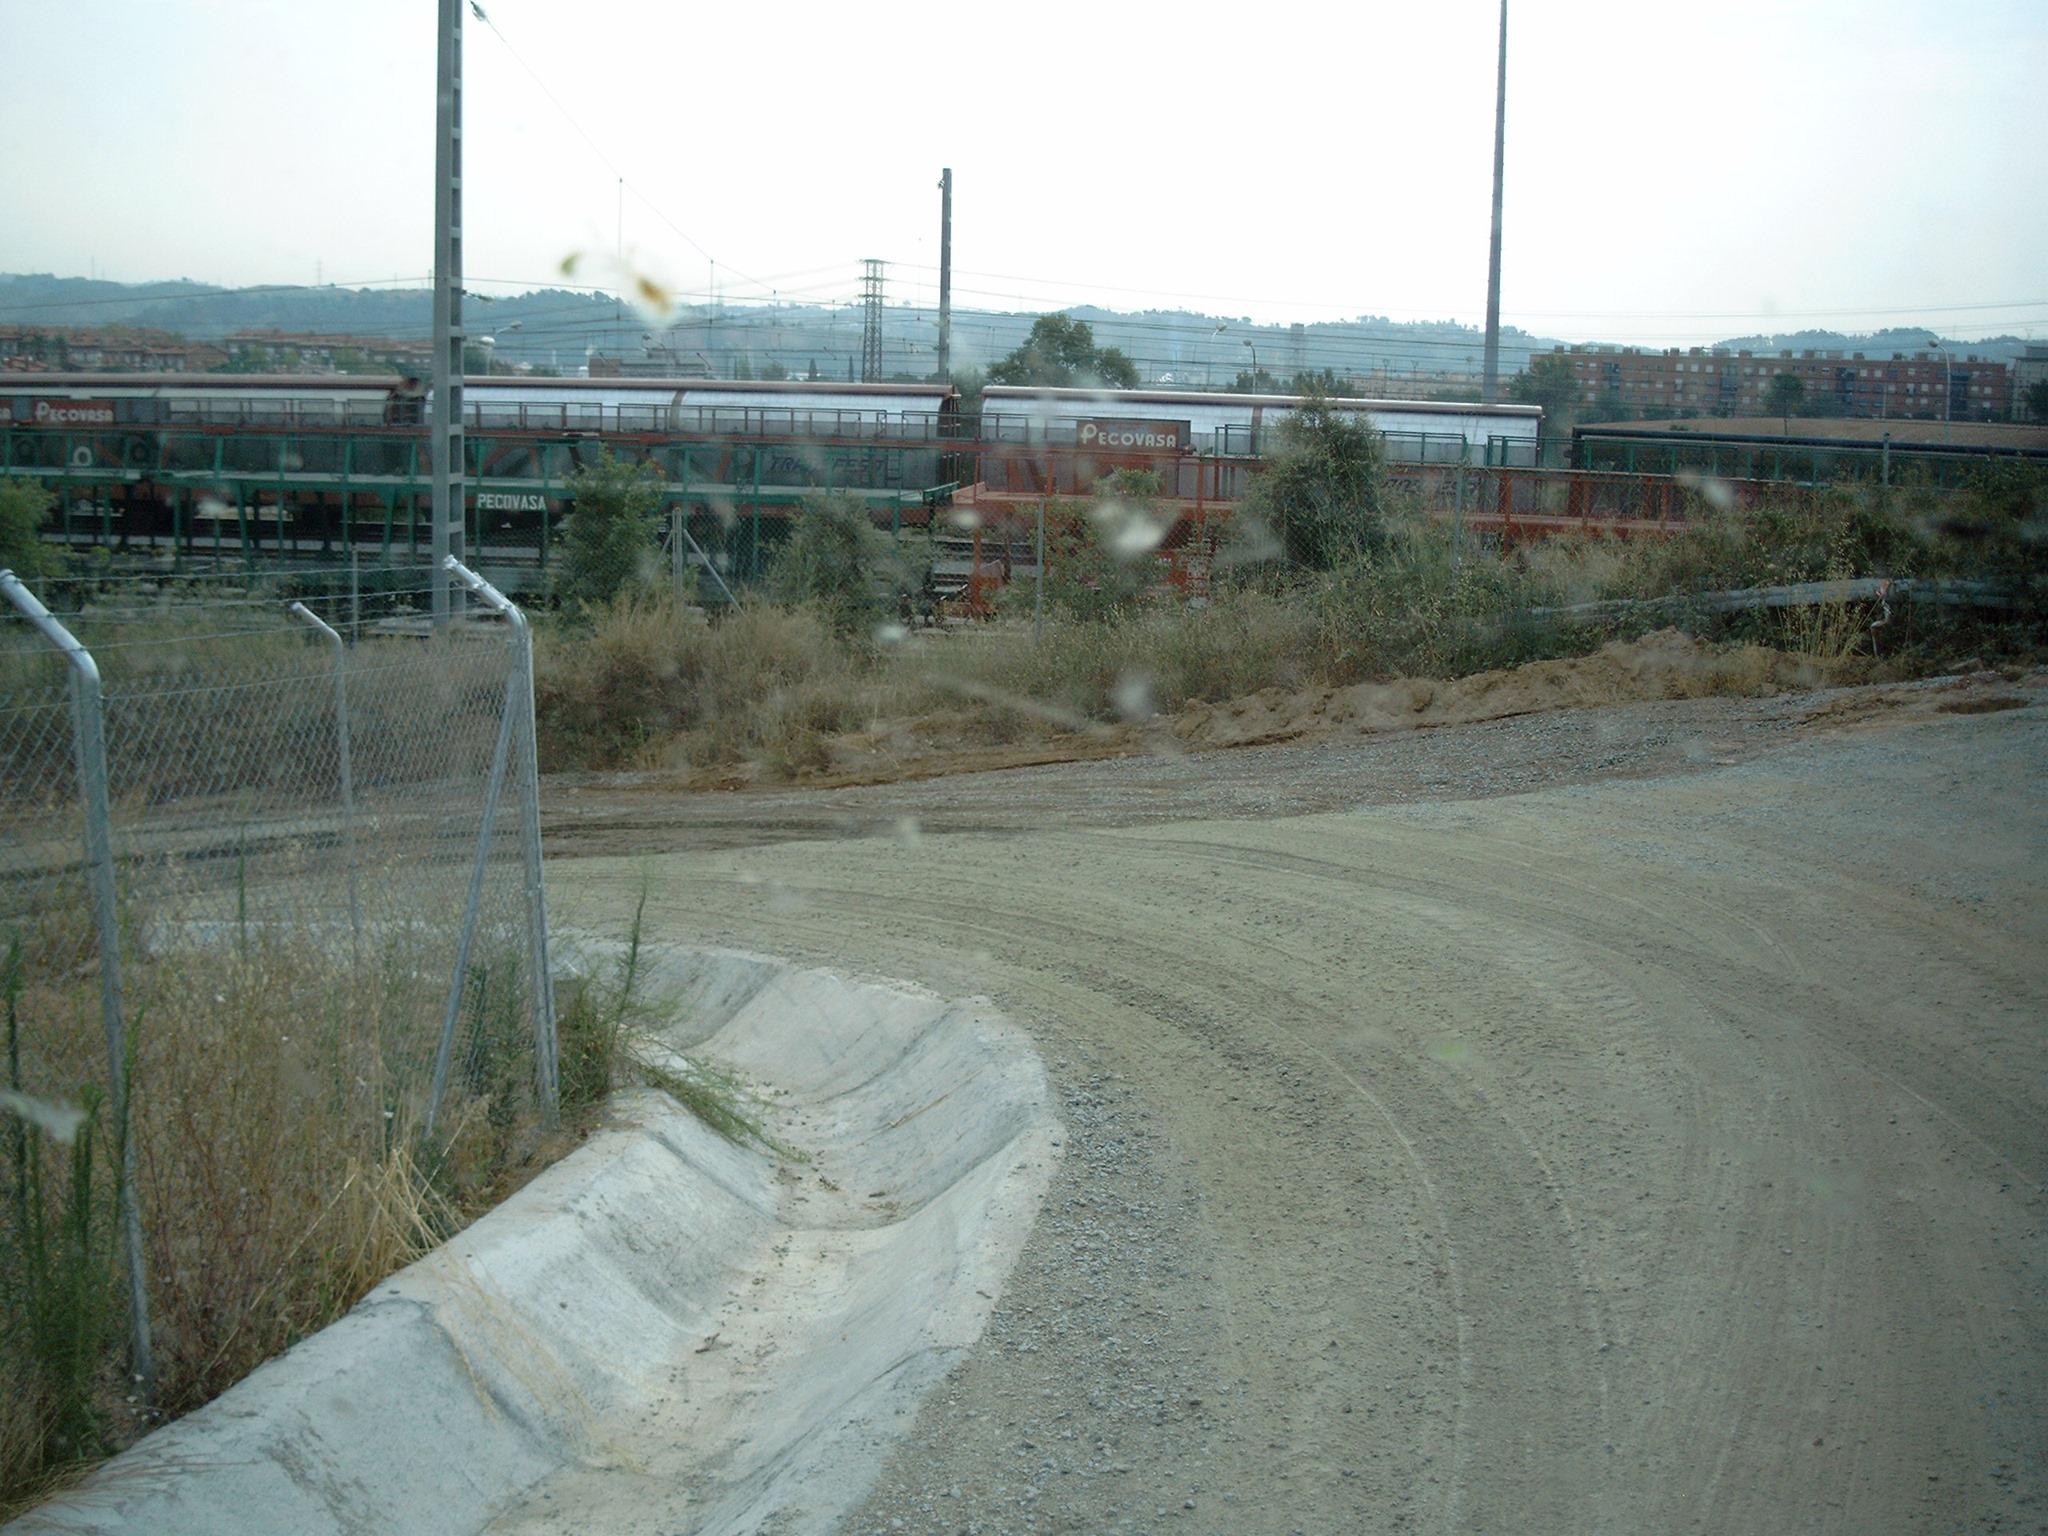 Zufahrt-zum-Tunnelneubau--Anliefern-von-Eisenbahnschwellen-(8)